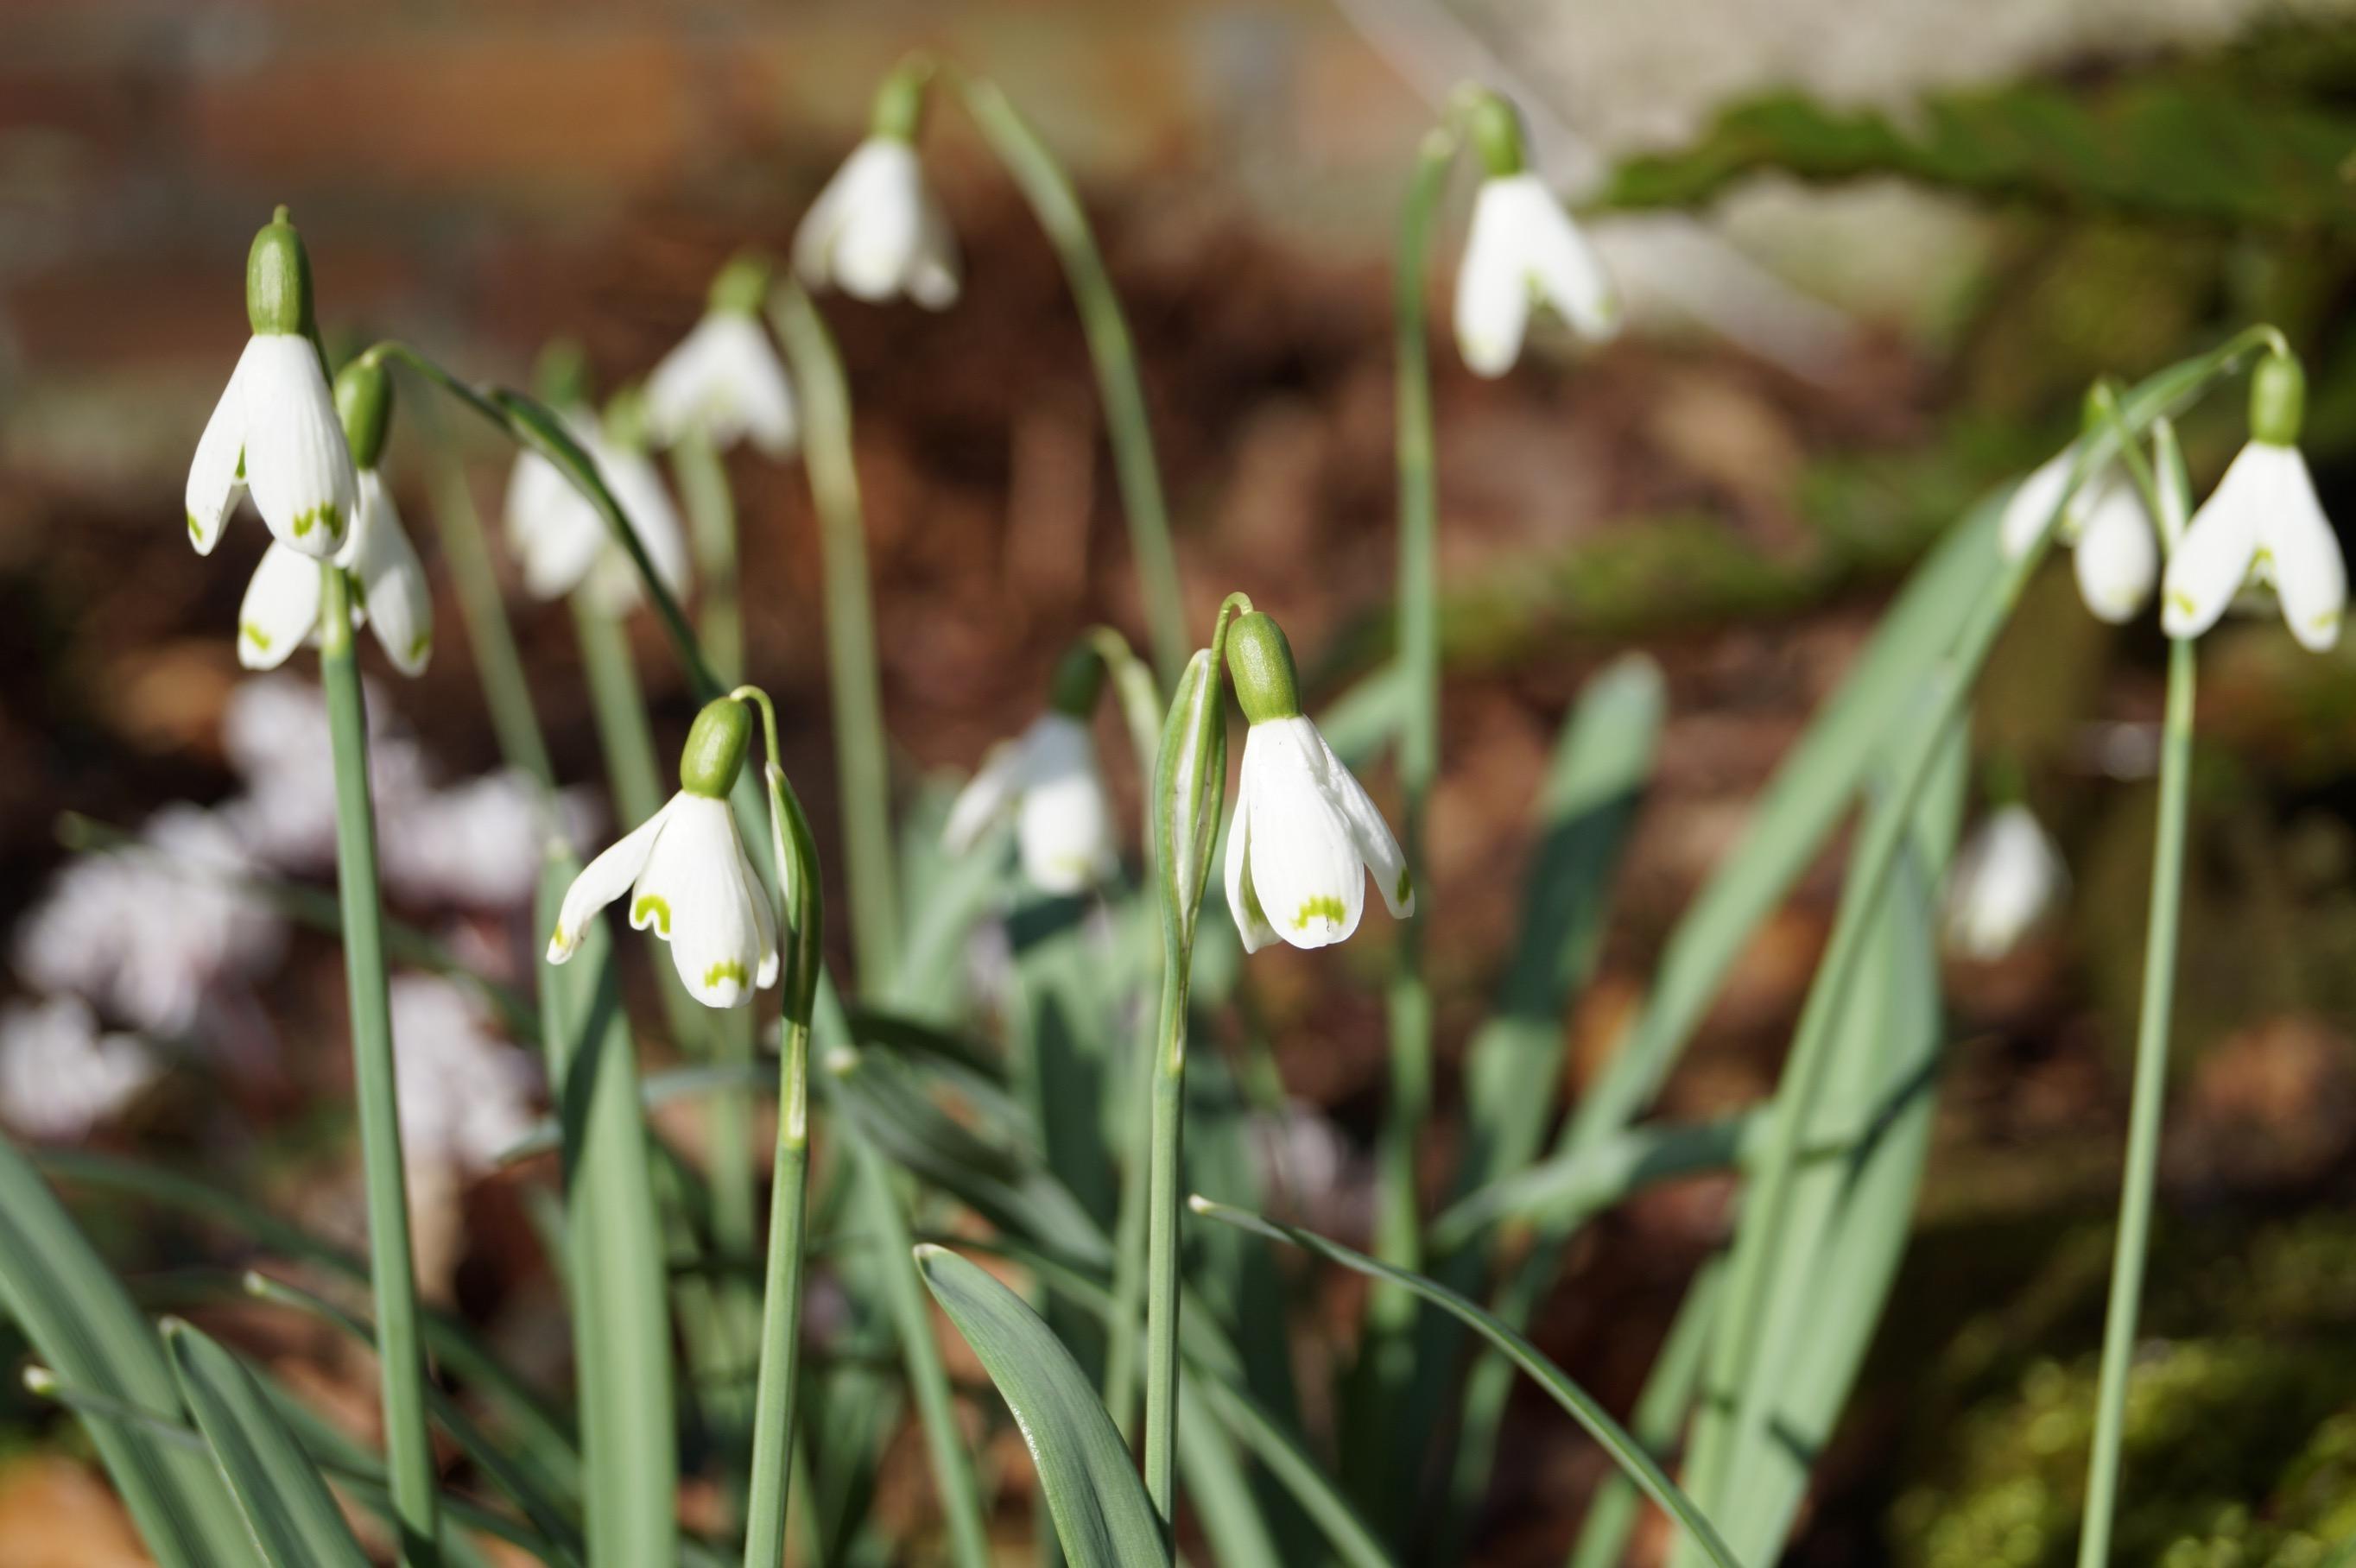 galanthus_nivalis_cinderella4_morlas_plants